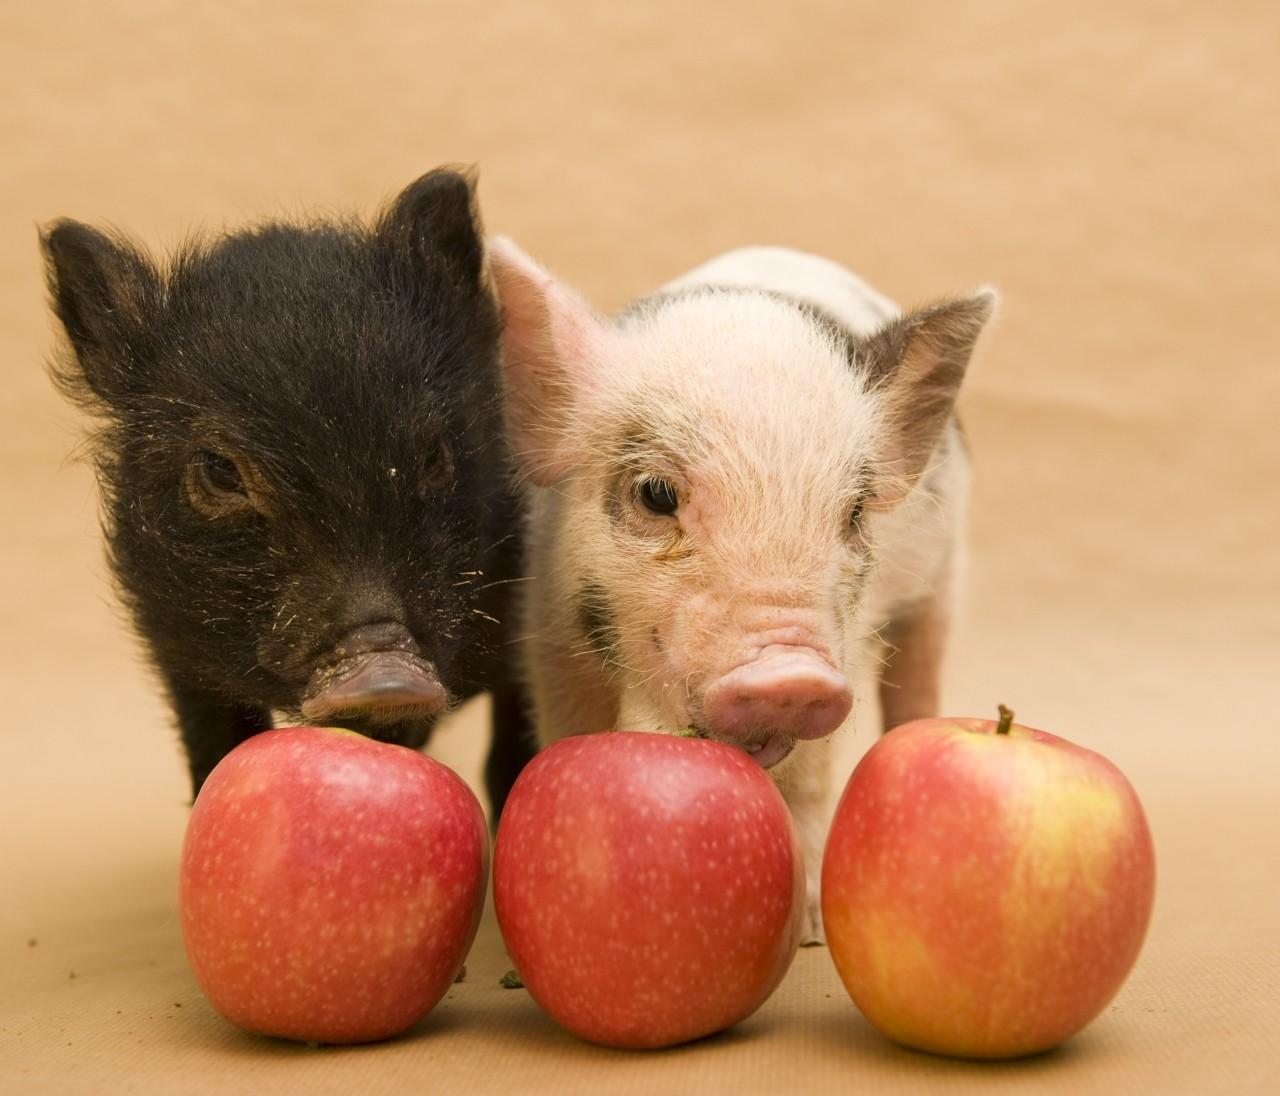 3月1日は豚の日!? セレブの豚さん&セレブな豚さんをご紹介